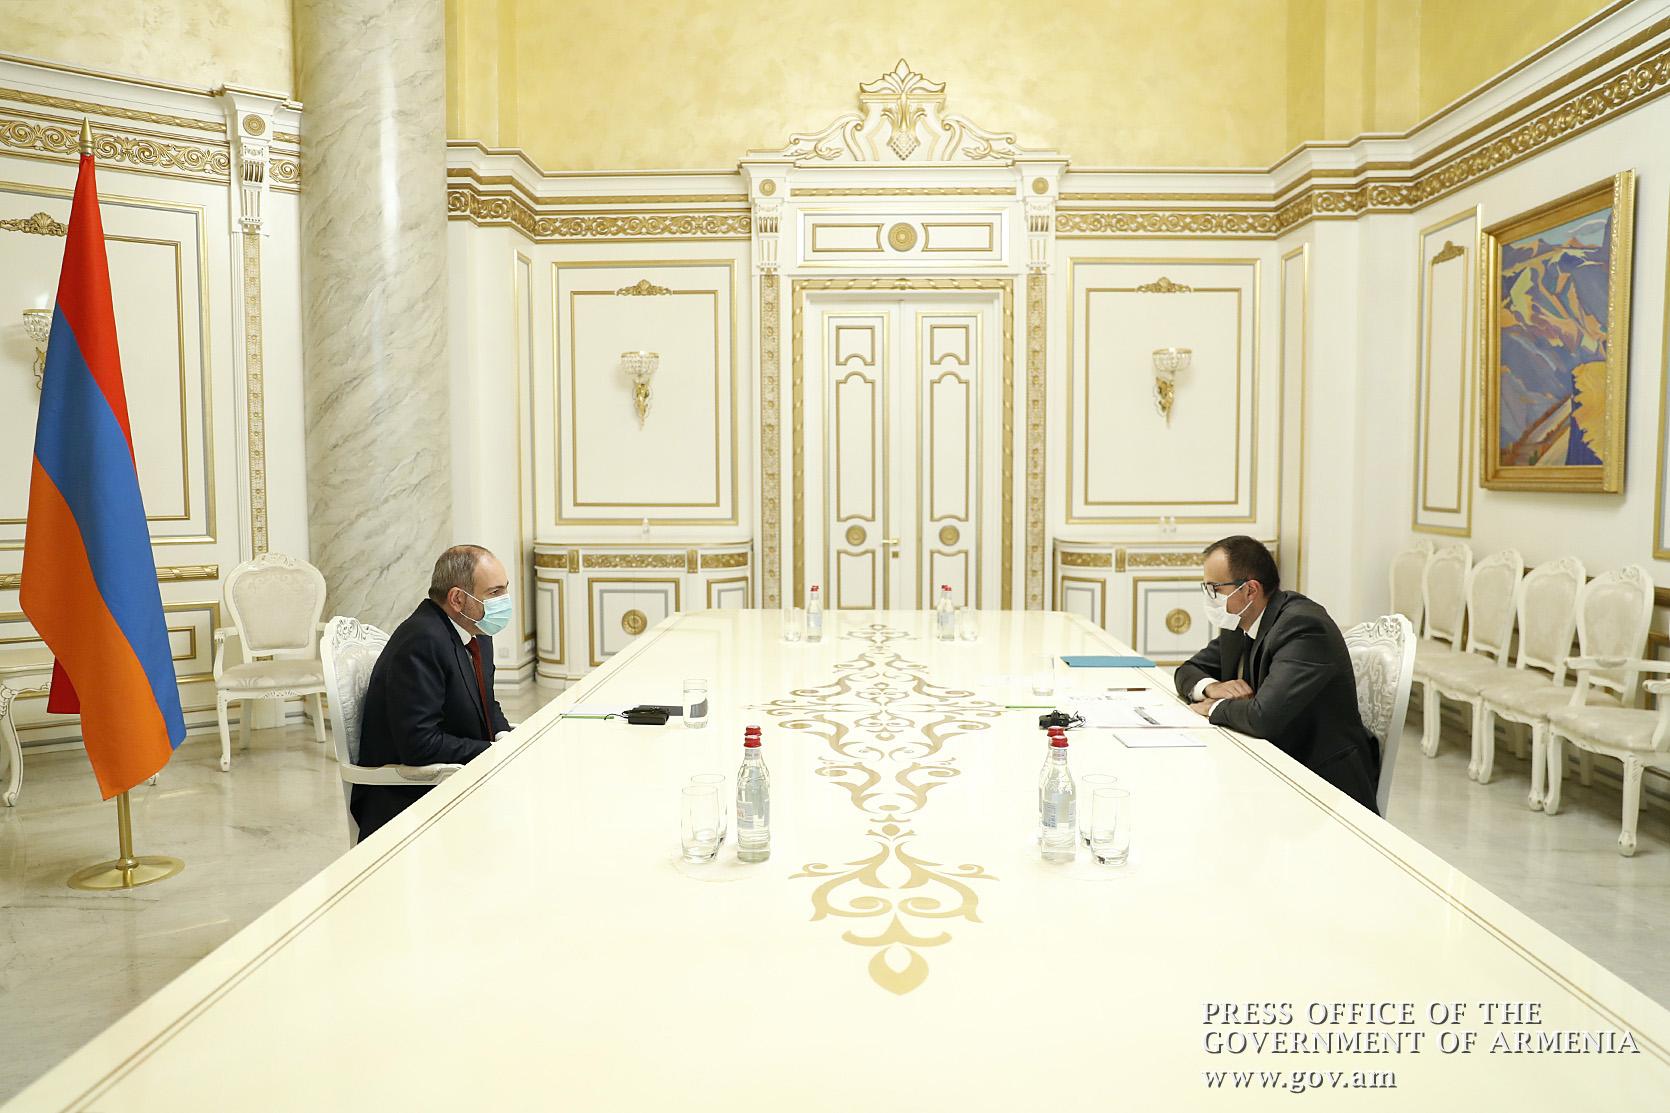 Photo of Արսեն Թորոսյանը վարչապետին զեկուցել է կորոնավիրուսի հետ կապված վիճակի և վիրավոր զինծառայողների բուժօգնության կազմակերպման մասին